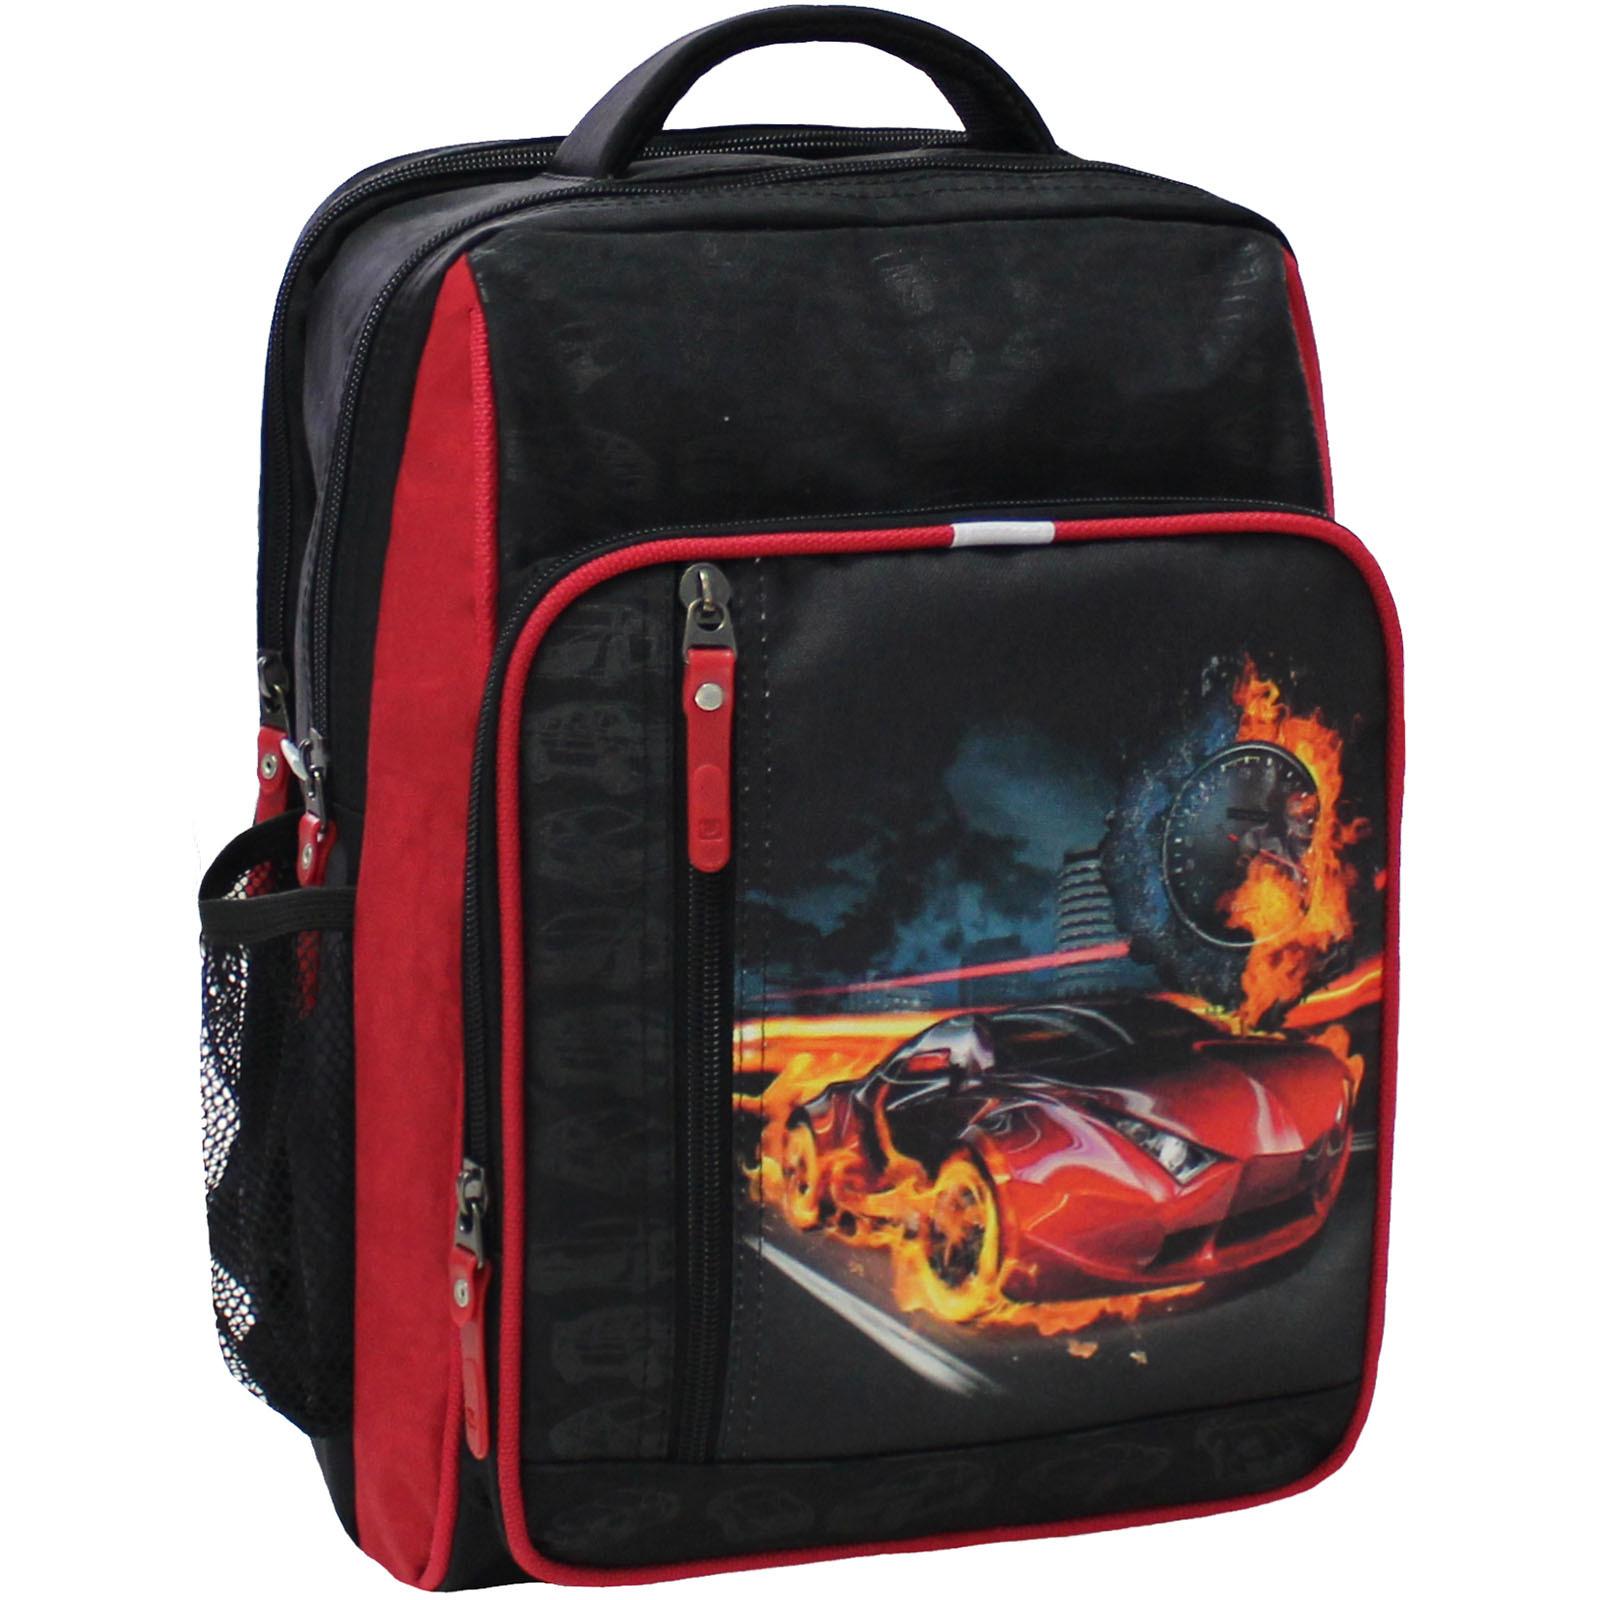 Школьные рюкзаки Рюкзак школьный Bagland Школьник 8 л. черный 57м (0012870) IMG_5115.JPG